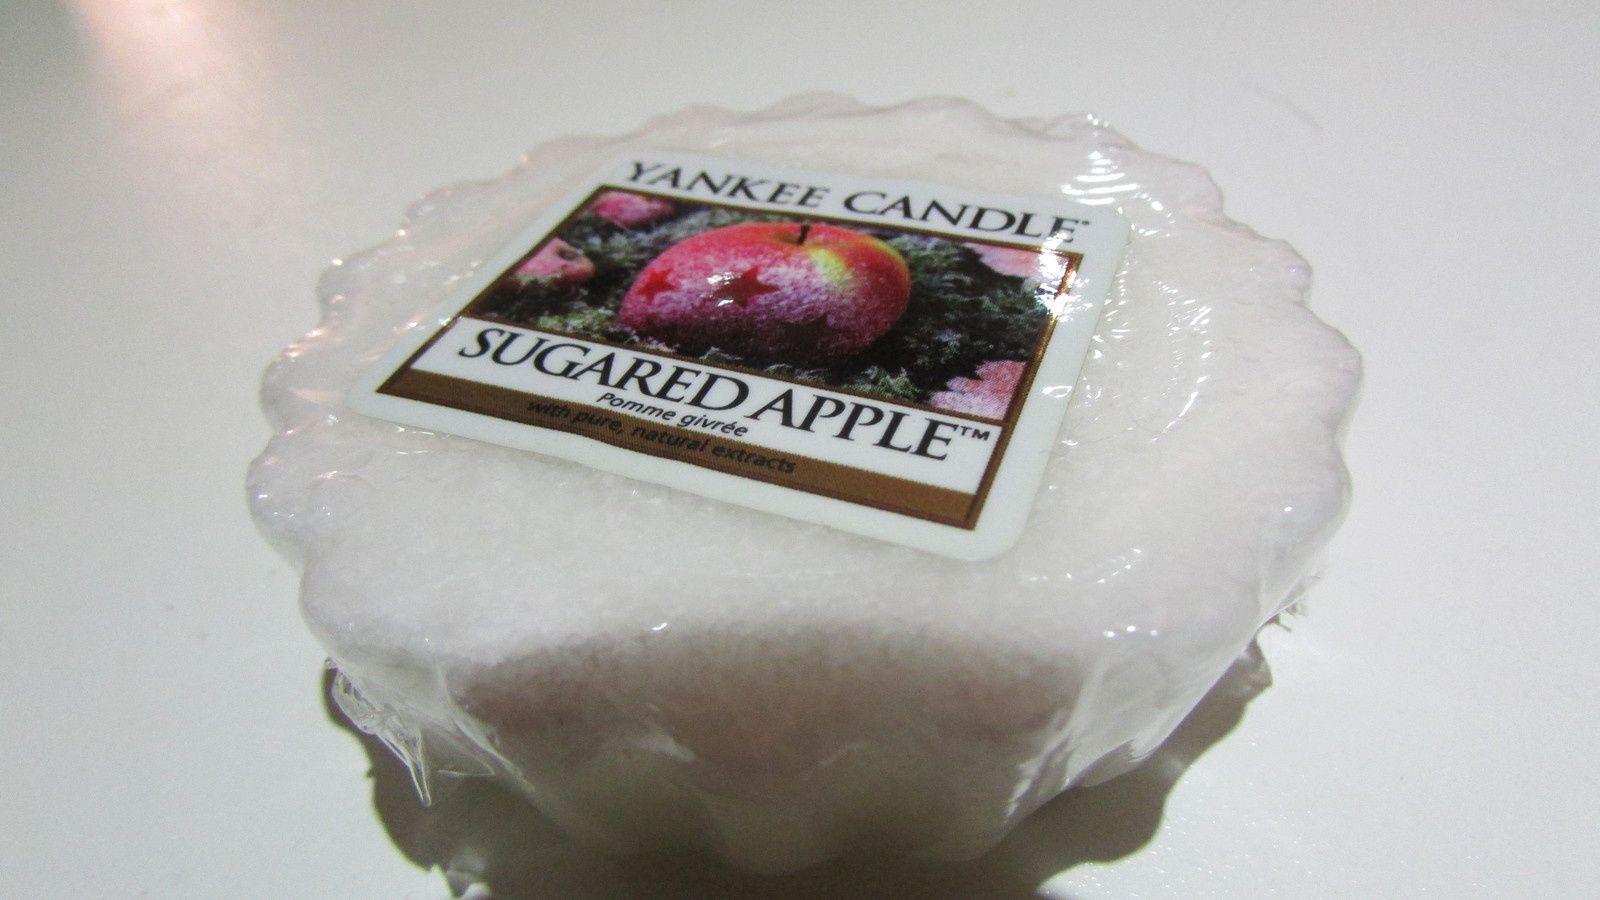 Sugared Apple :la recette juteuse de pomme chaude saupoudré de sucre & vanille un regal je l'adore